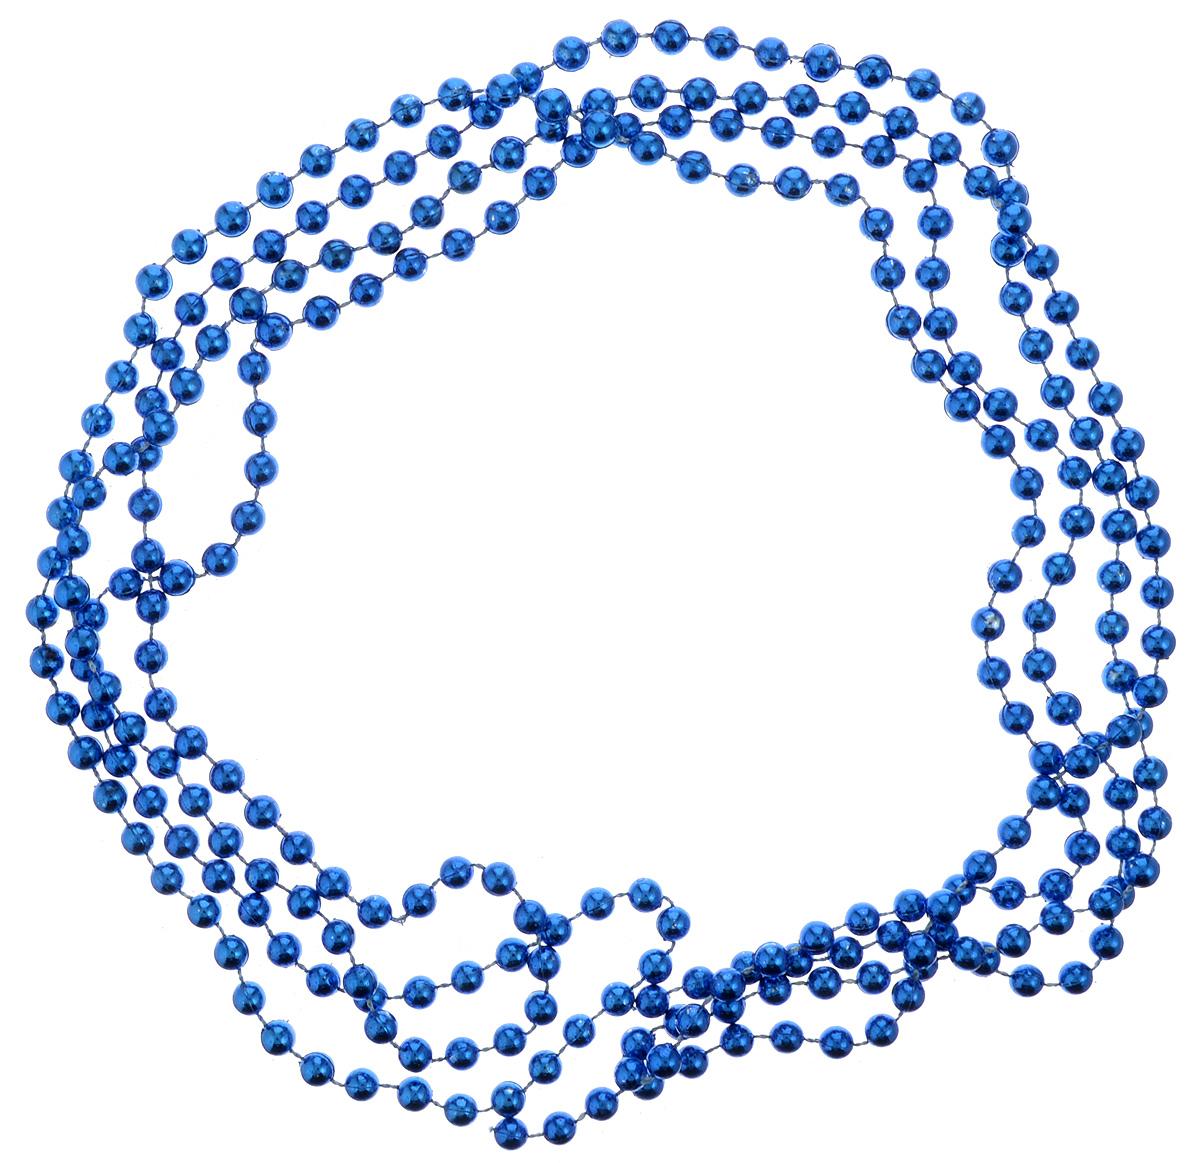 Украшение новогоднее B&H Бусы, цвет: синий, 2,5 мCHL-500DRНовогоднее украшение B&H Бусы, изготовленное из высококачественного пластика, прекрасно подойдет для декора дома или новогодней ели. Такие бусы создадут сказочную атмосферу и подарят ощущение праздника. Откройте для себя удивительный мир сказок. Почувствуйте волшебные минуты ожидания праздника, создайте новогоднее настроение вашим родным и близким.